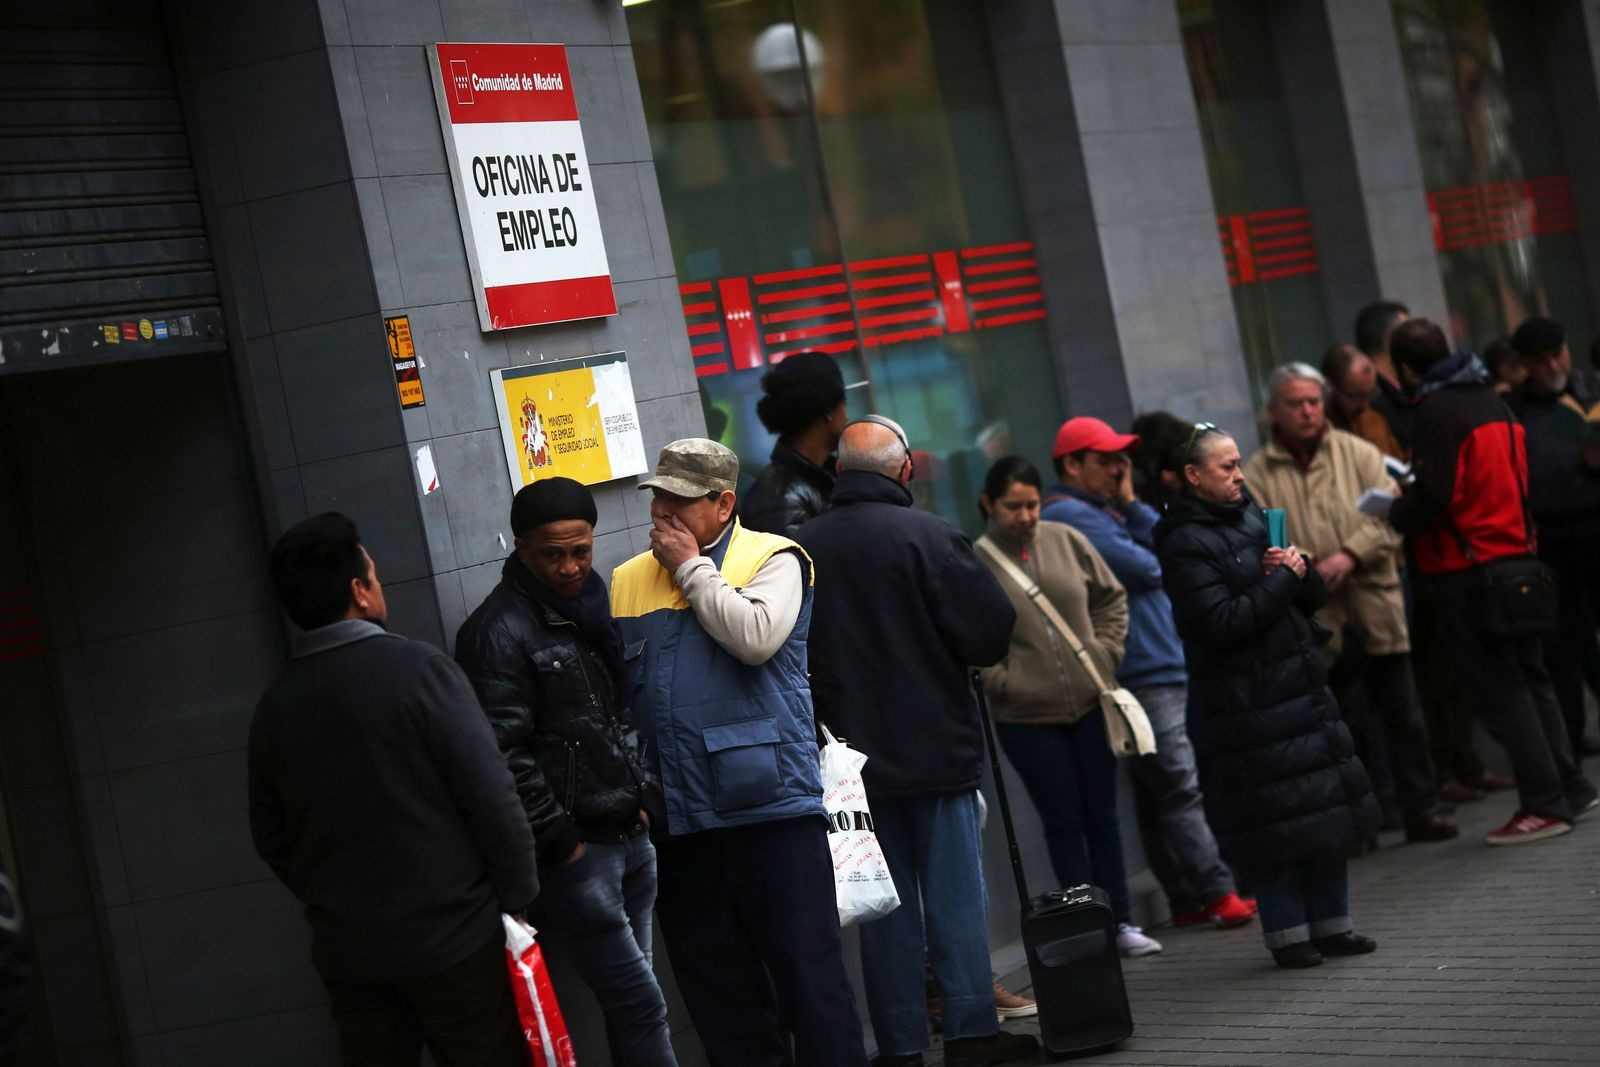 Spanien / Finanzkrise / Arbeitslosigkeit